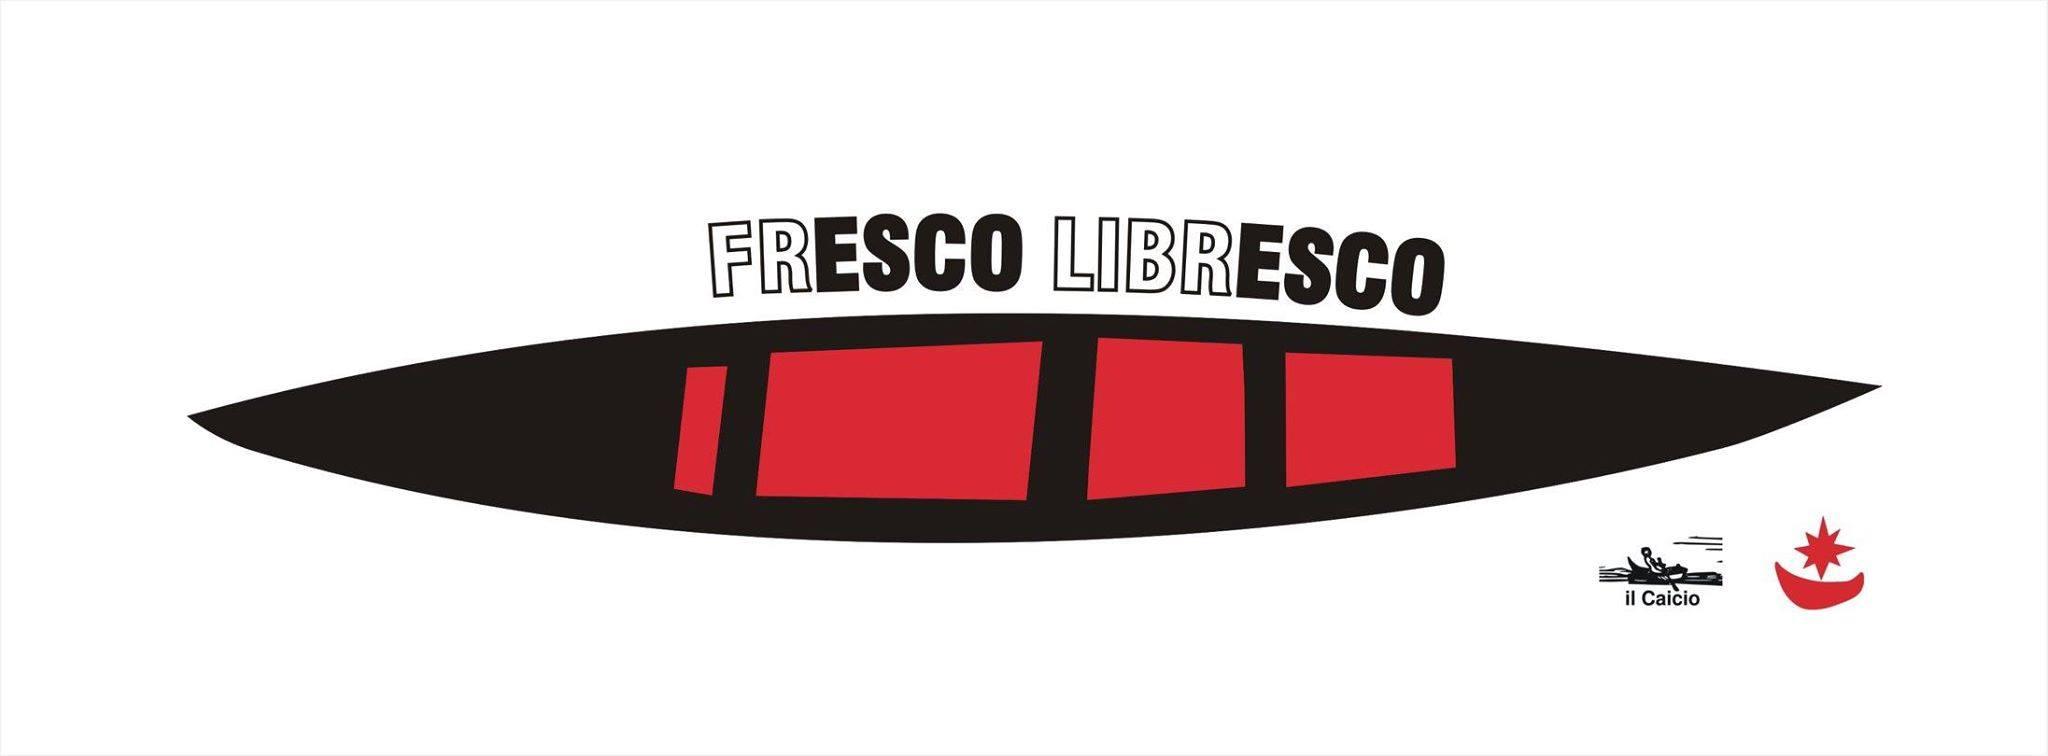 Fresco Libresco